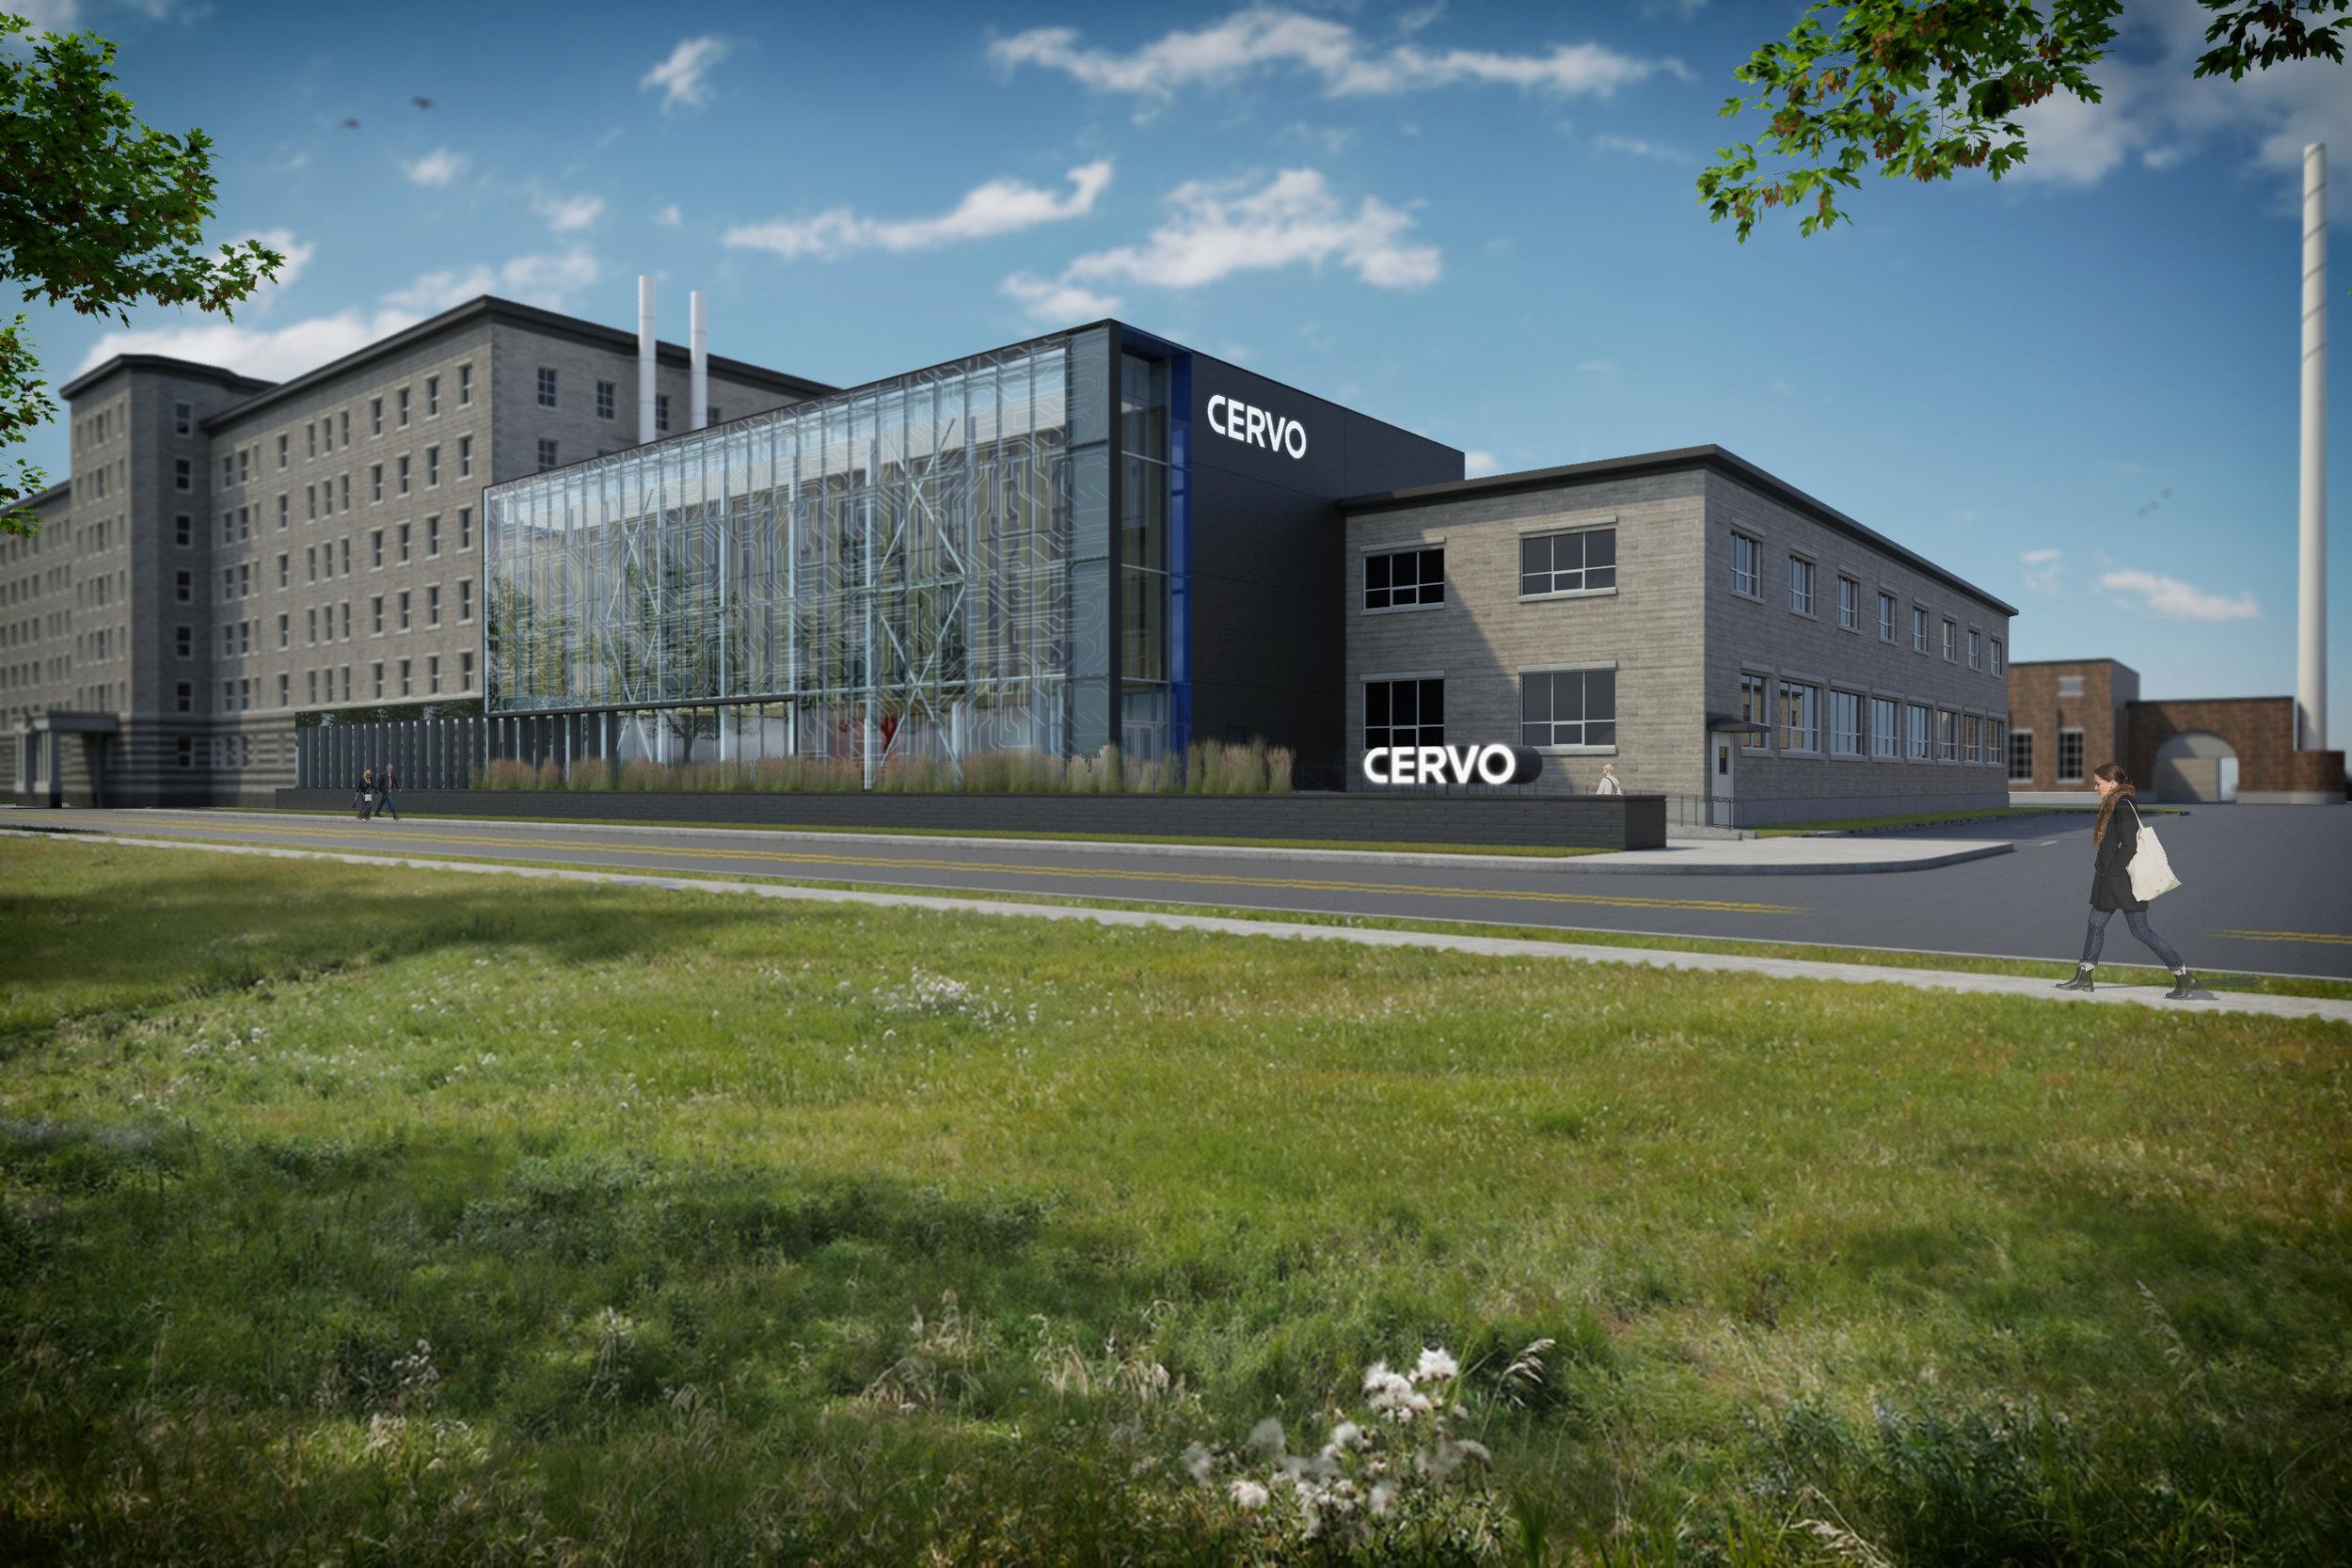 01_CERVO_Perspective Nord.jpg